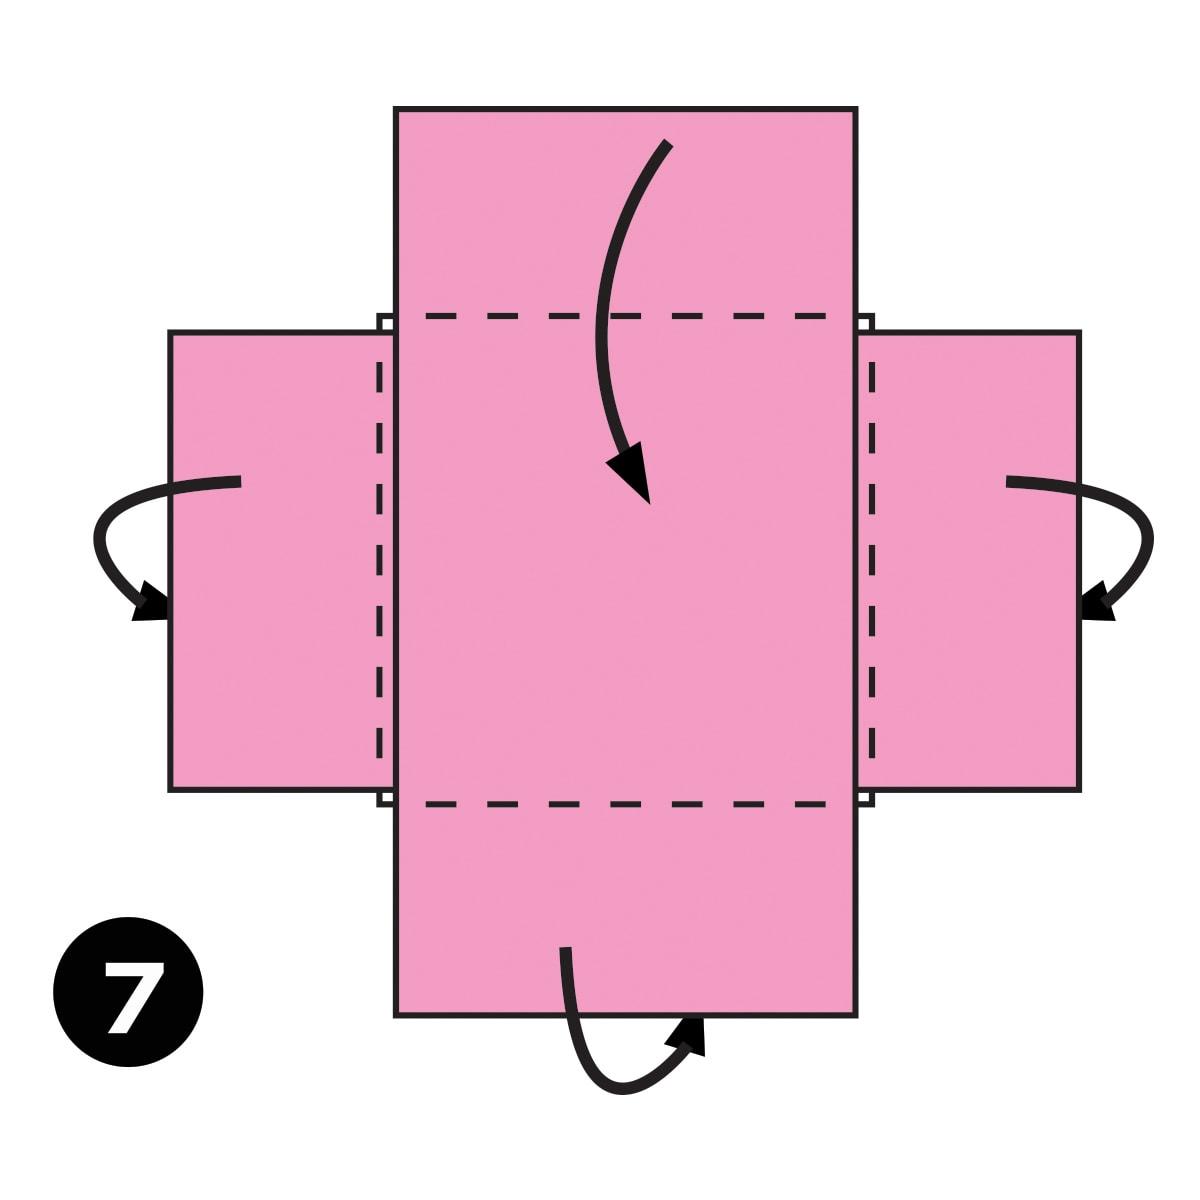 Chair Step 7